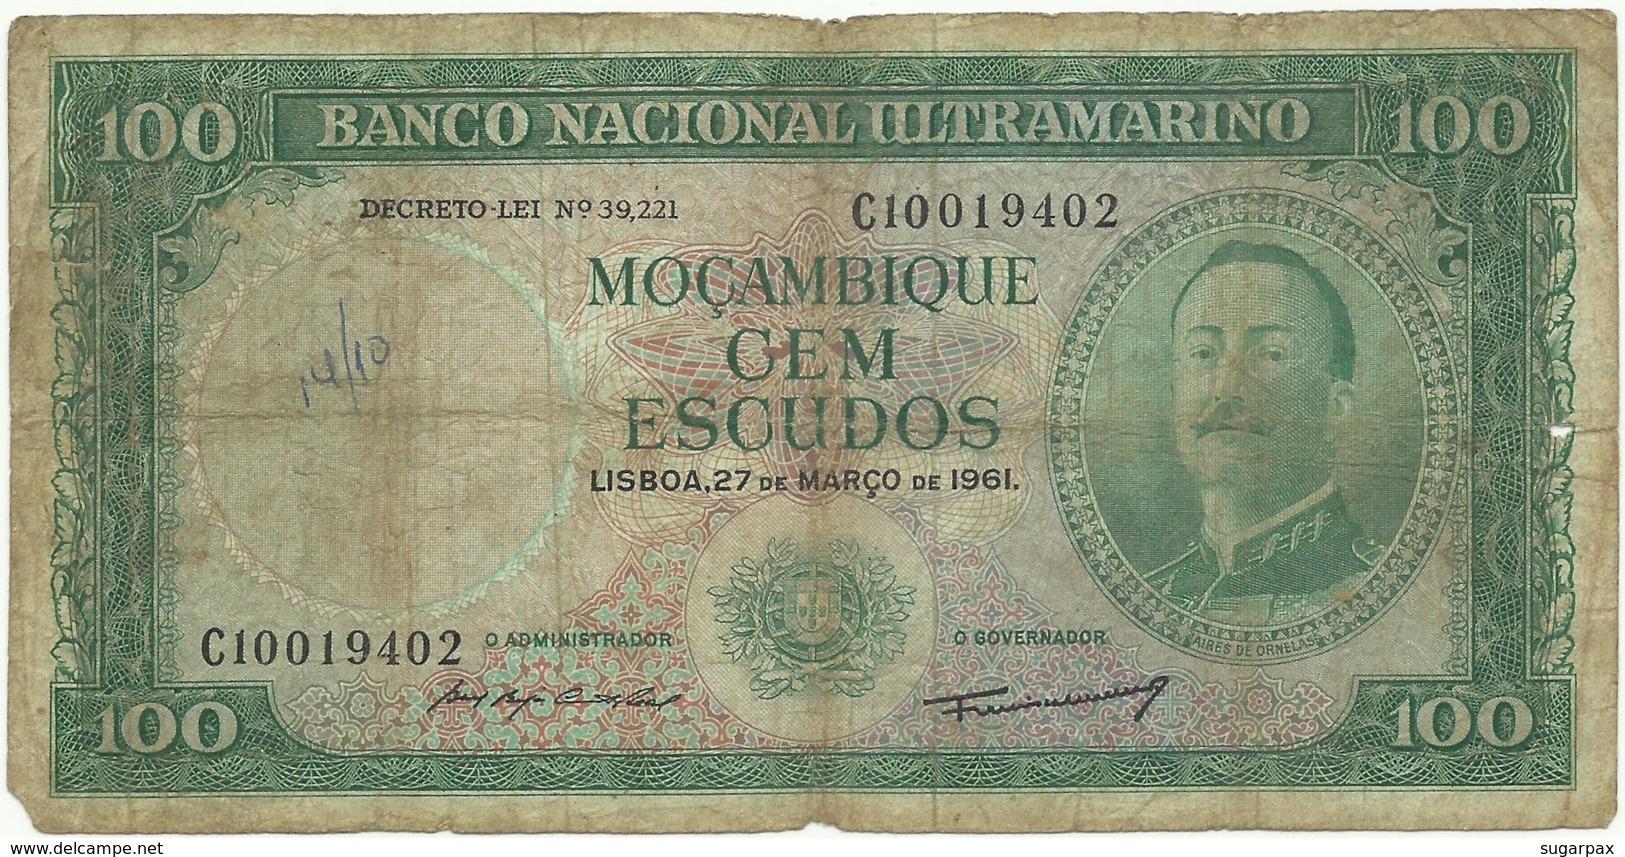 Mozambique - 100 Escudos - 27.03.1961 - P 109a - 8 Digits - Sign Varieties - AIRES DE ORNELAS - PORTUGAL - Mozambique